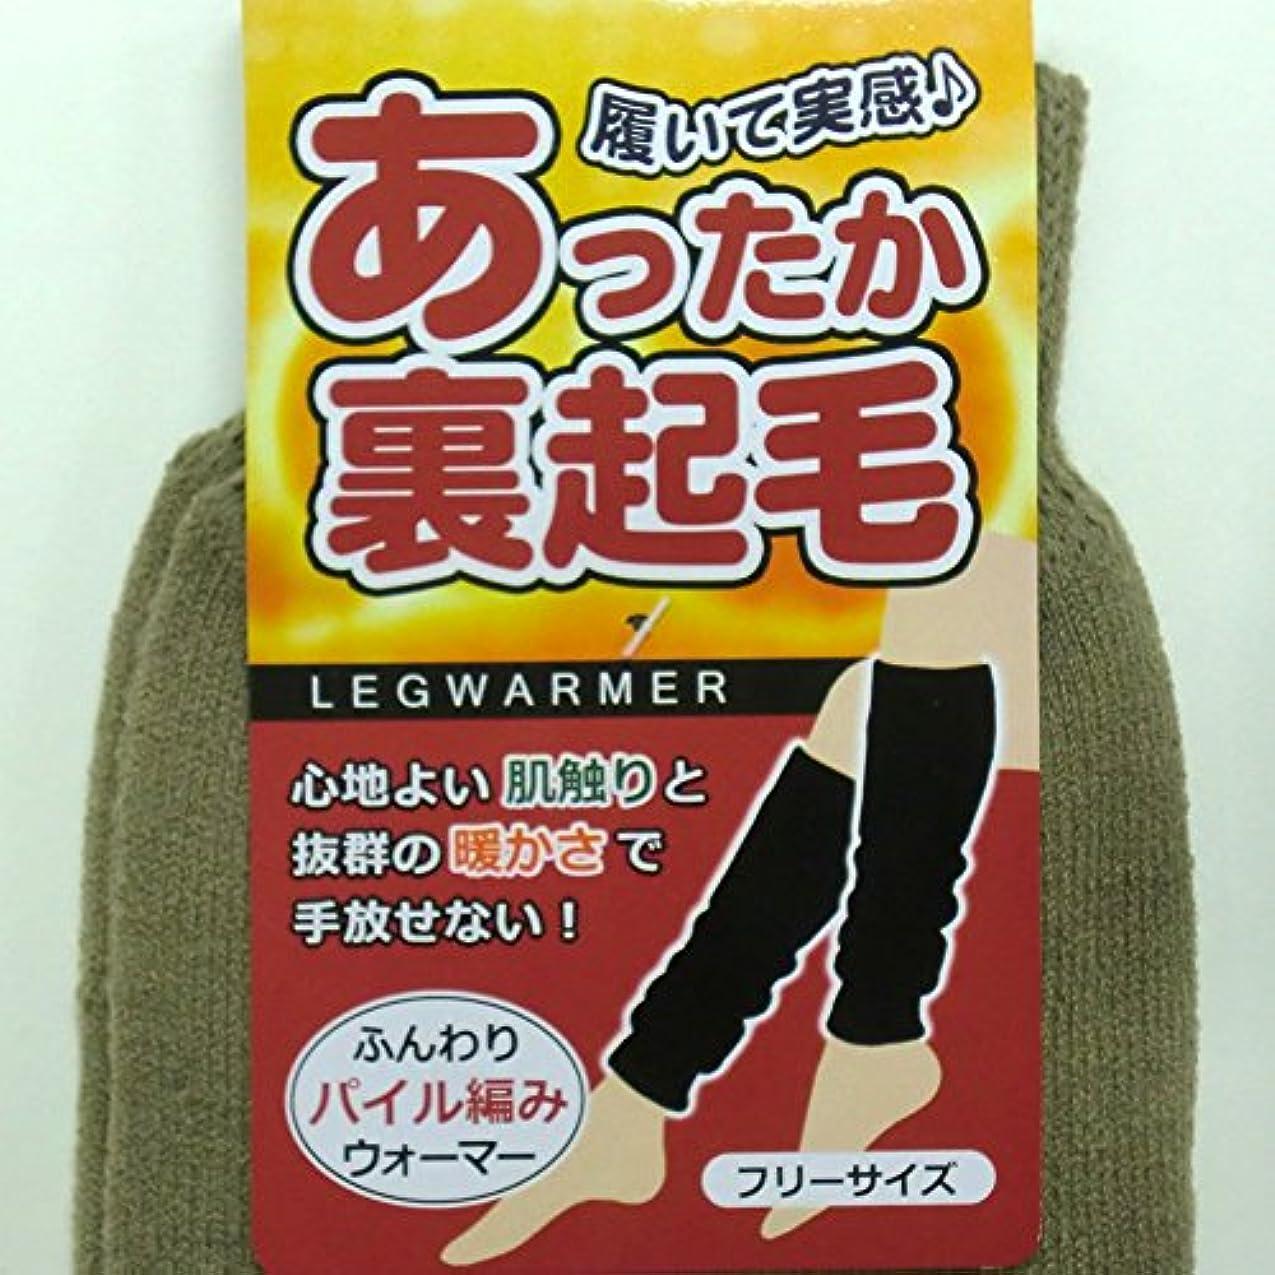 あったか ロング レッグウォーマー 45cm丈 裏起毛 パイル編み カプサイシン加工 男女兼用 2足組(柄はお任せ)